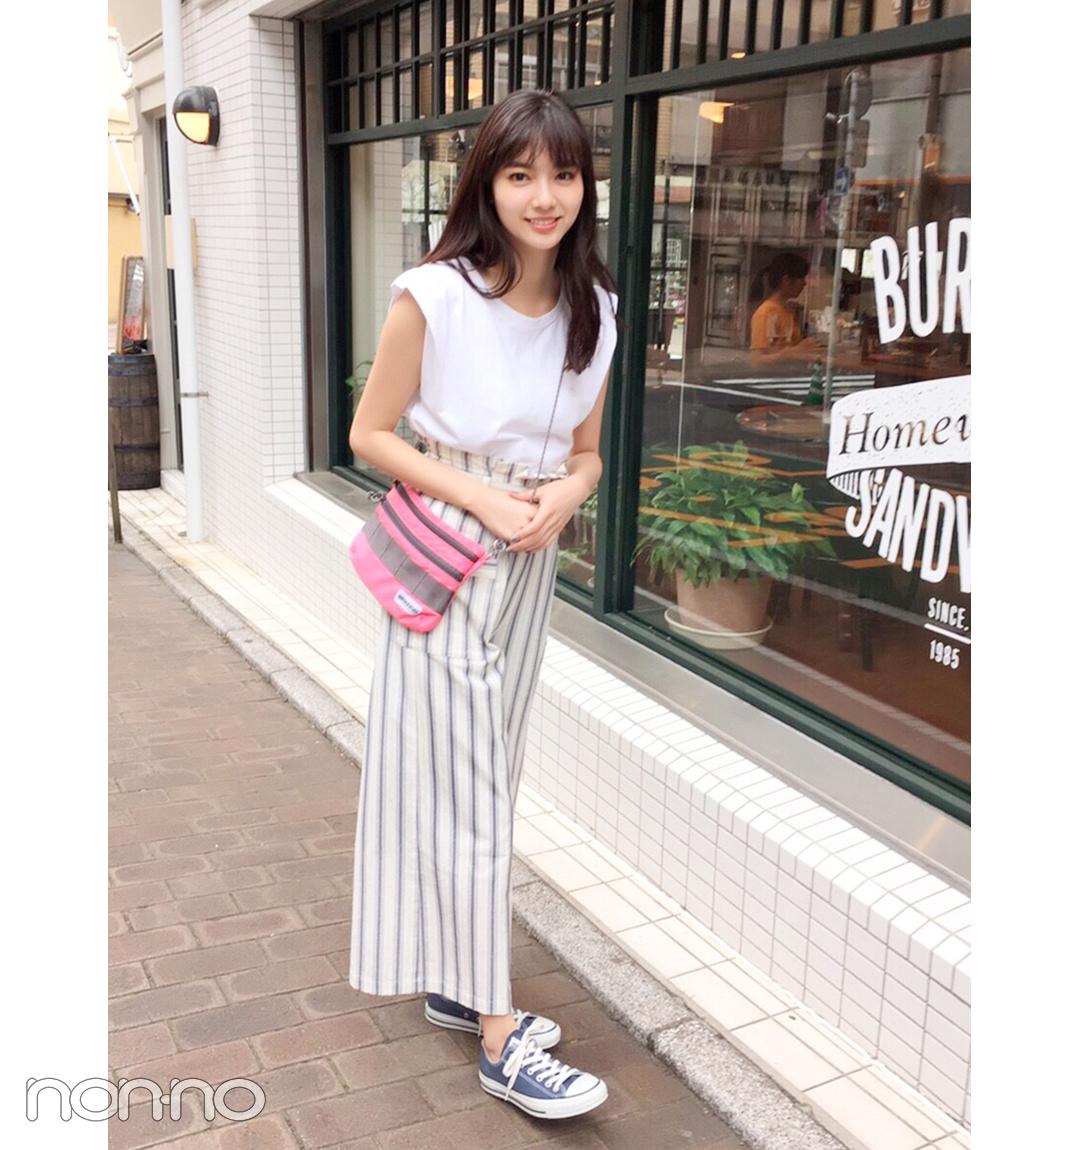 【夏のスニーカーコーデ】新川優愛は白っぽワントーンのパンツコーデでさわやかに♡